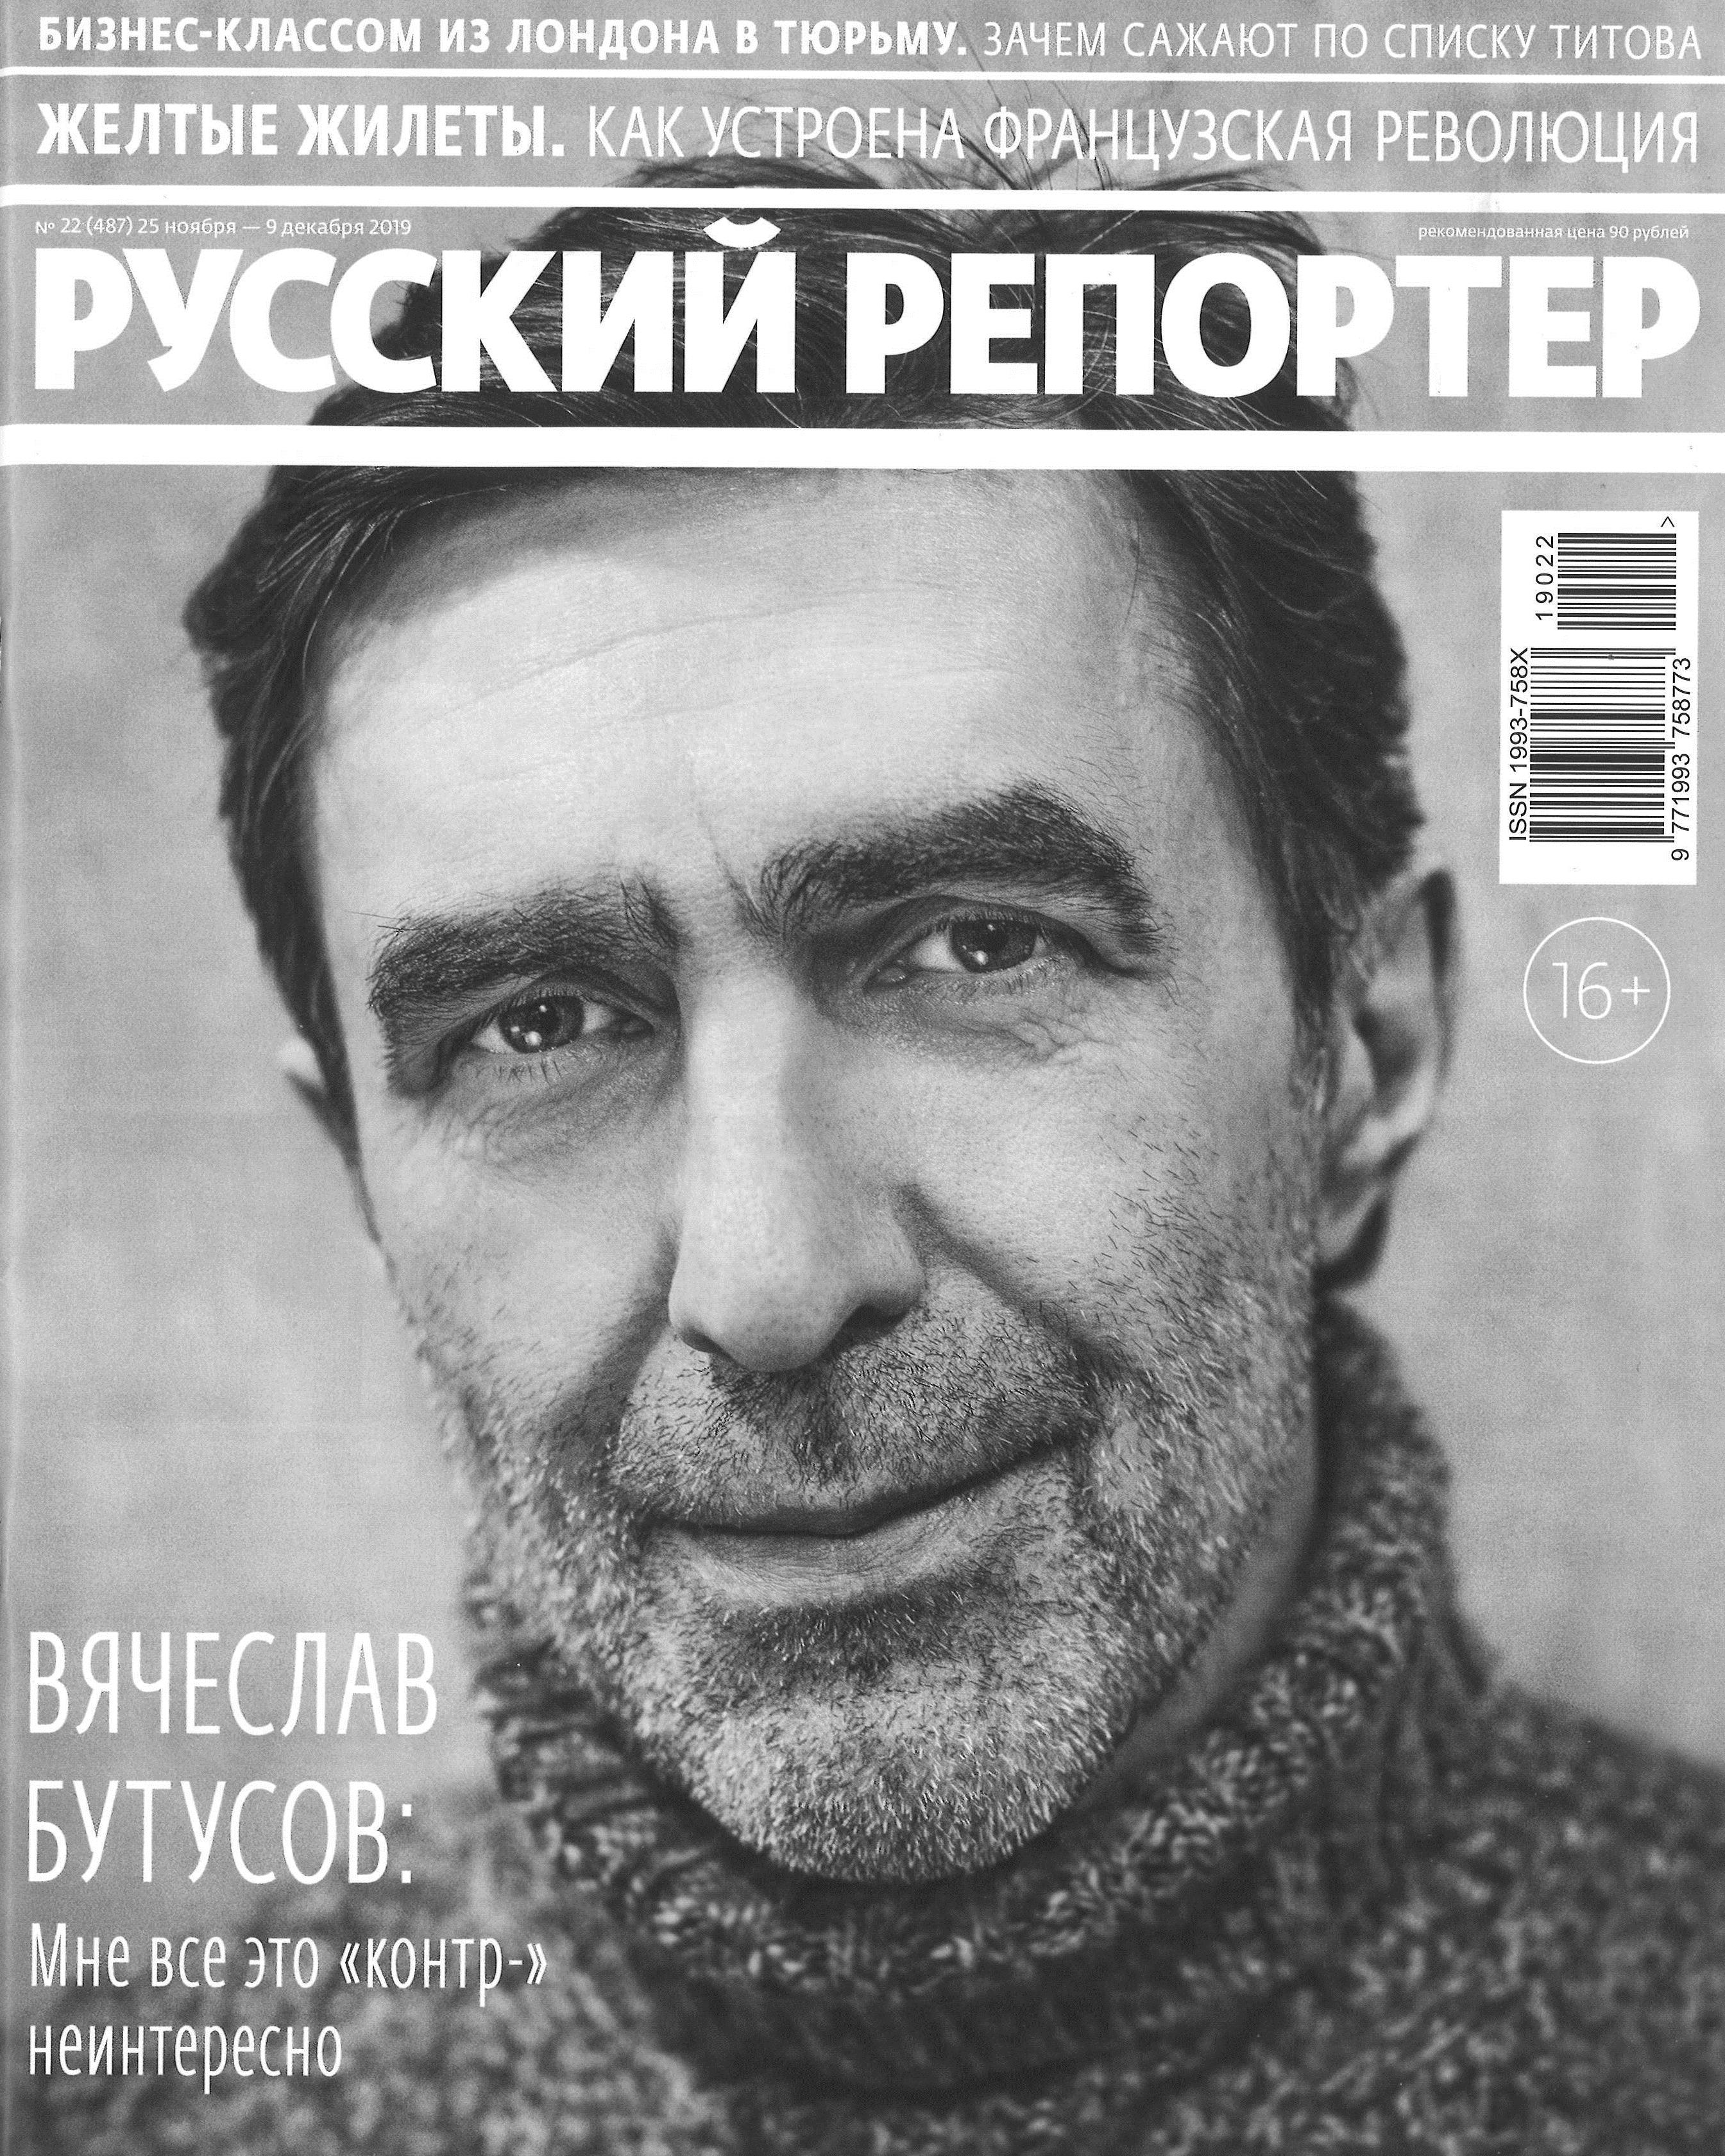 Russkij reporter